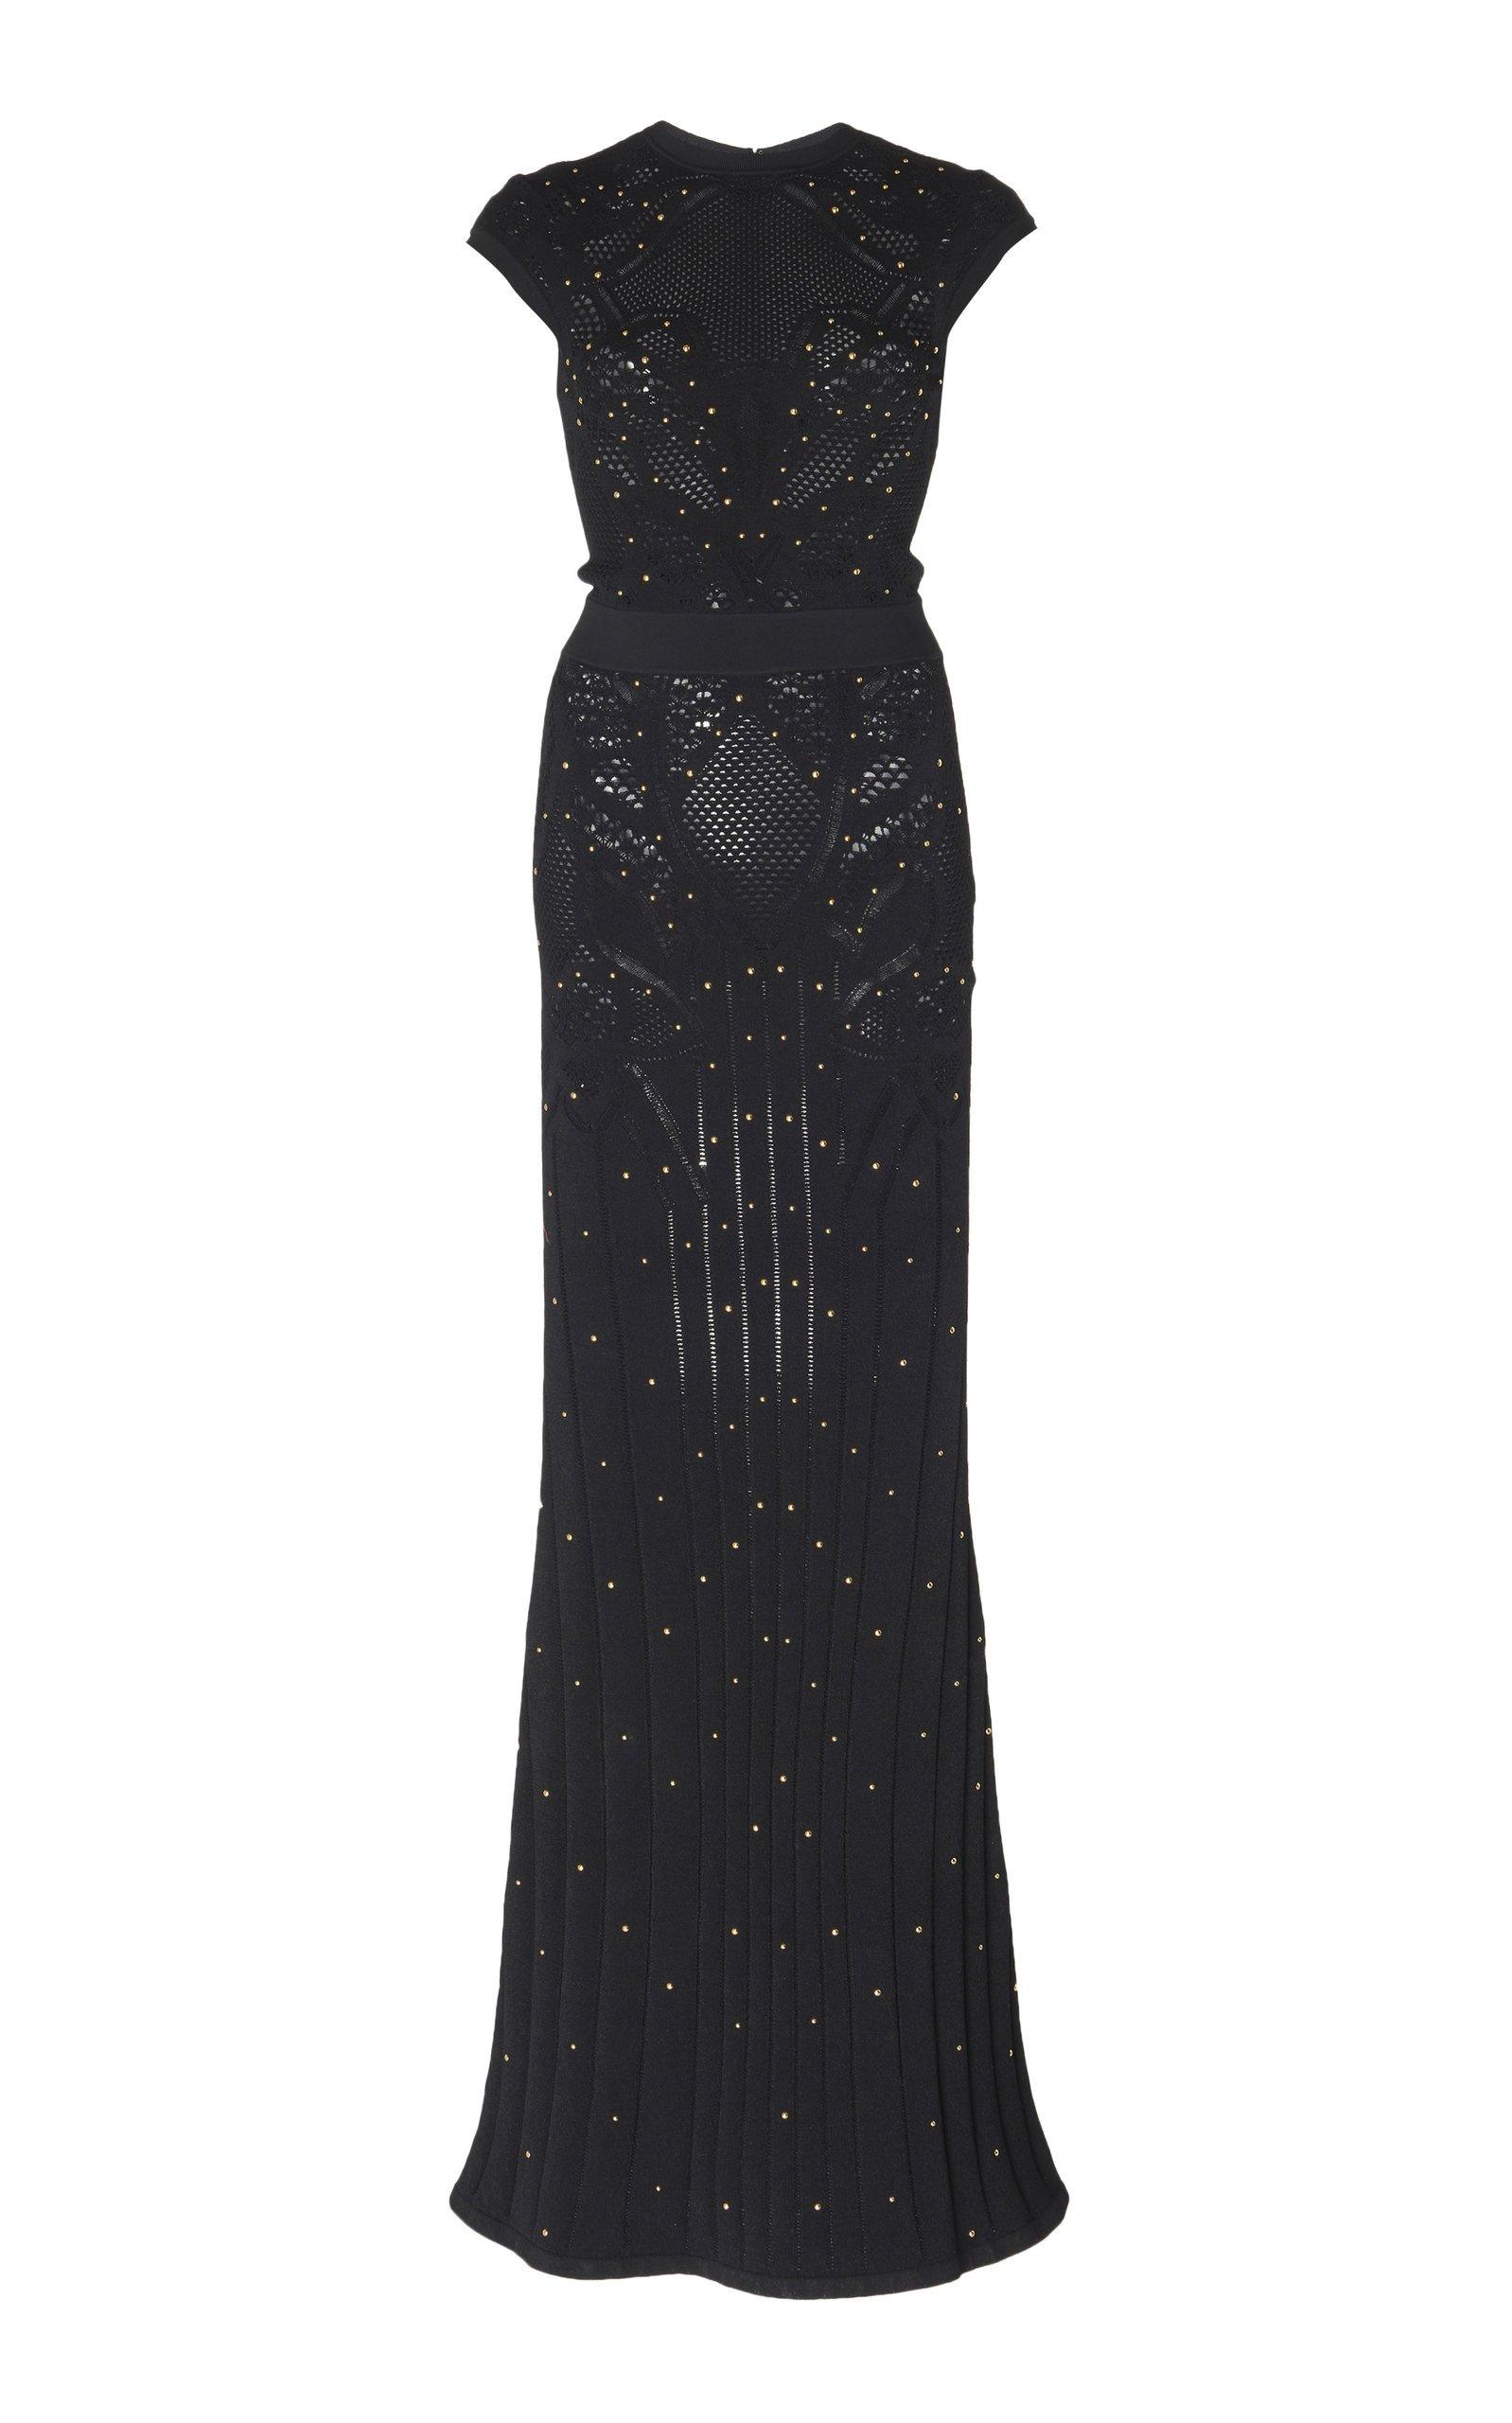 Zuhair Murad Pamplona Embellished Open-Knit Dress